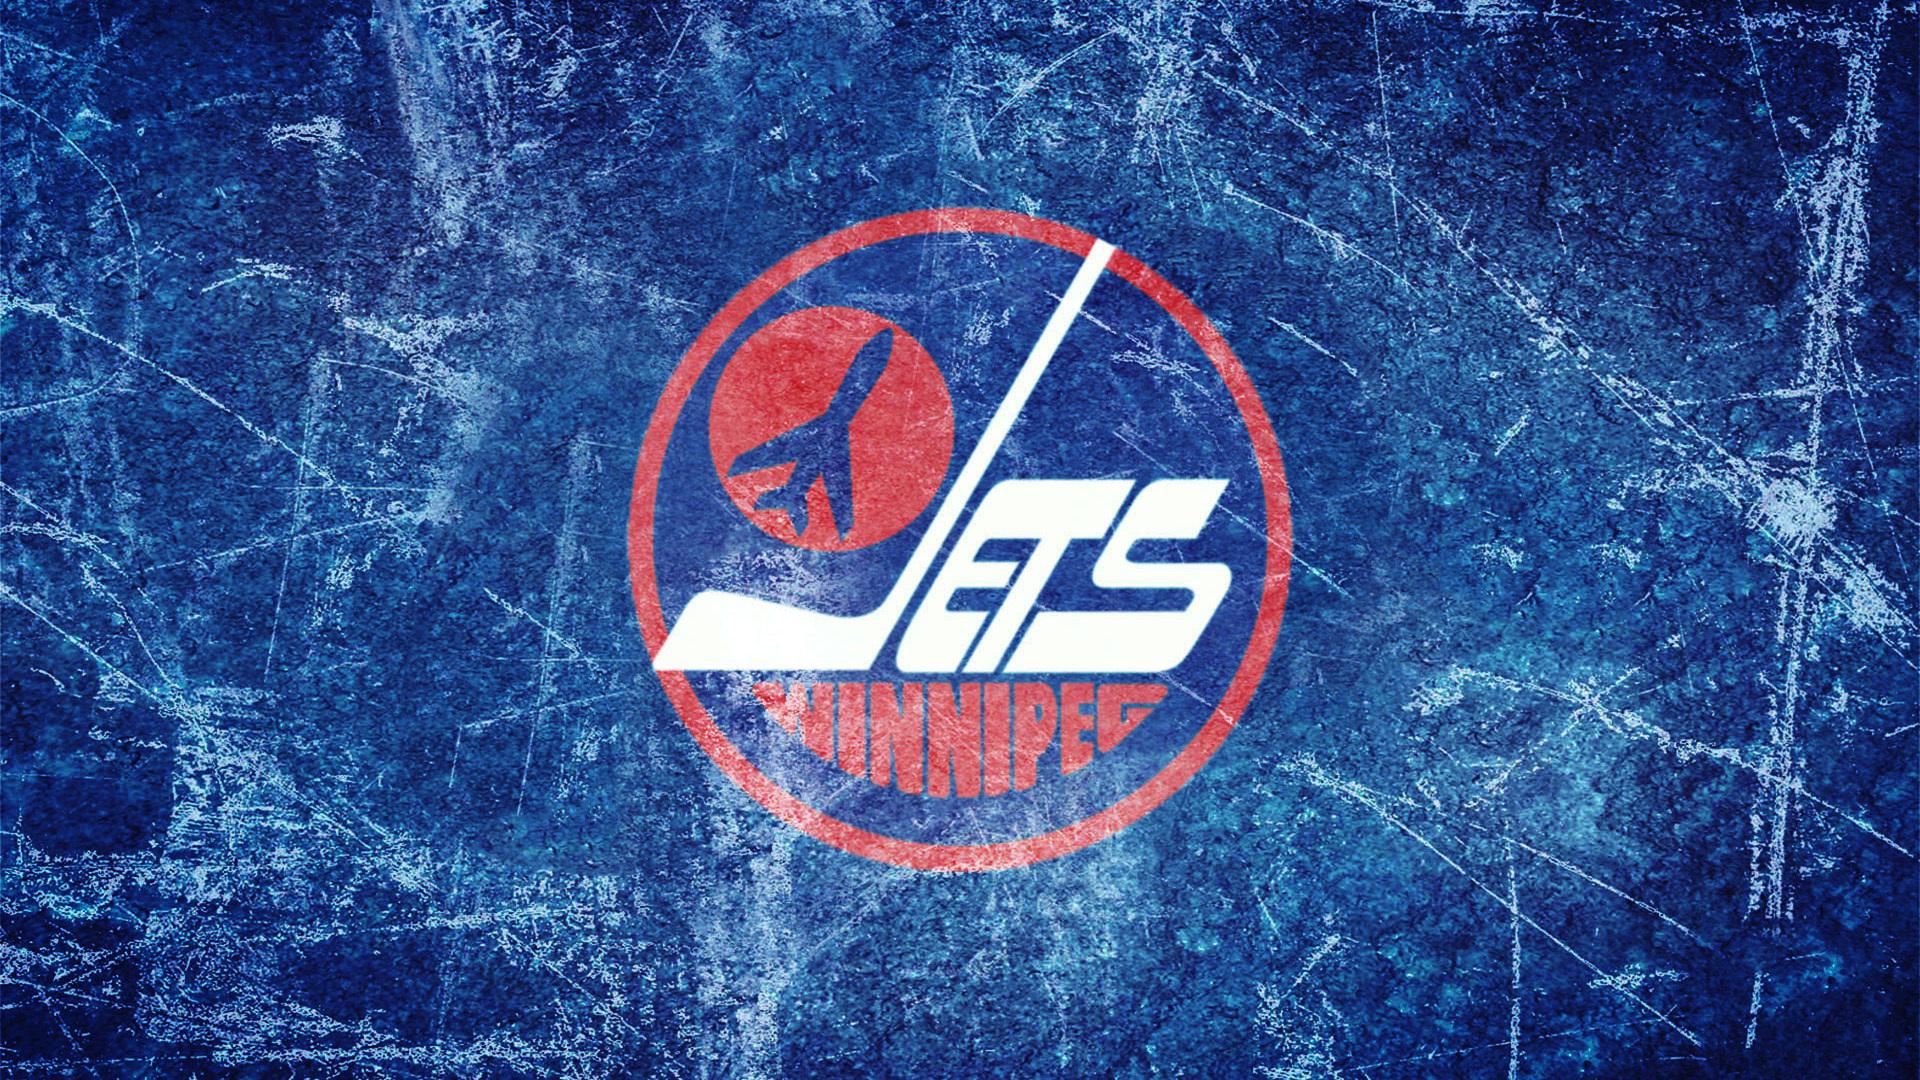 Winnipeg Jets wallpaper   561487 1920x1080